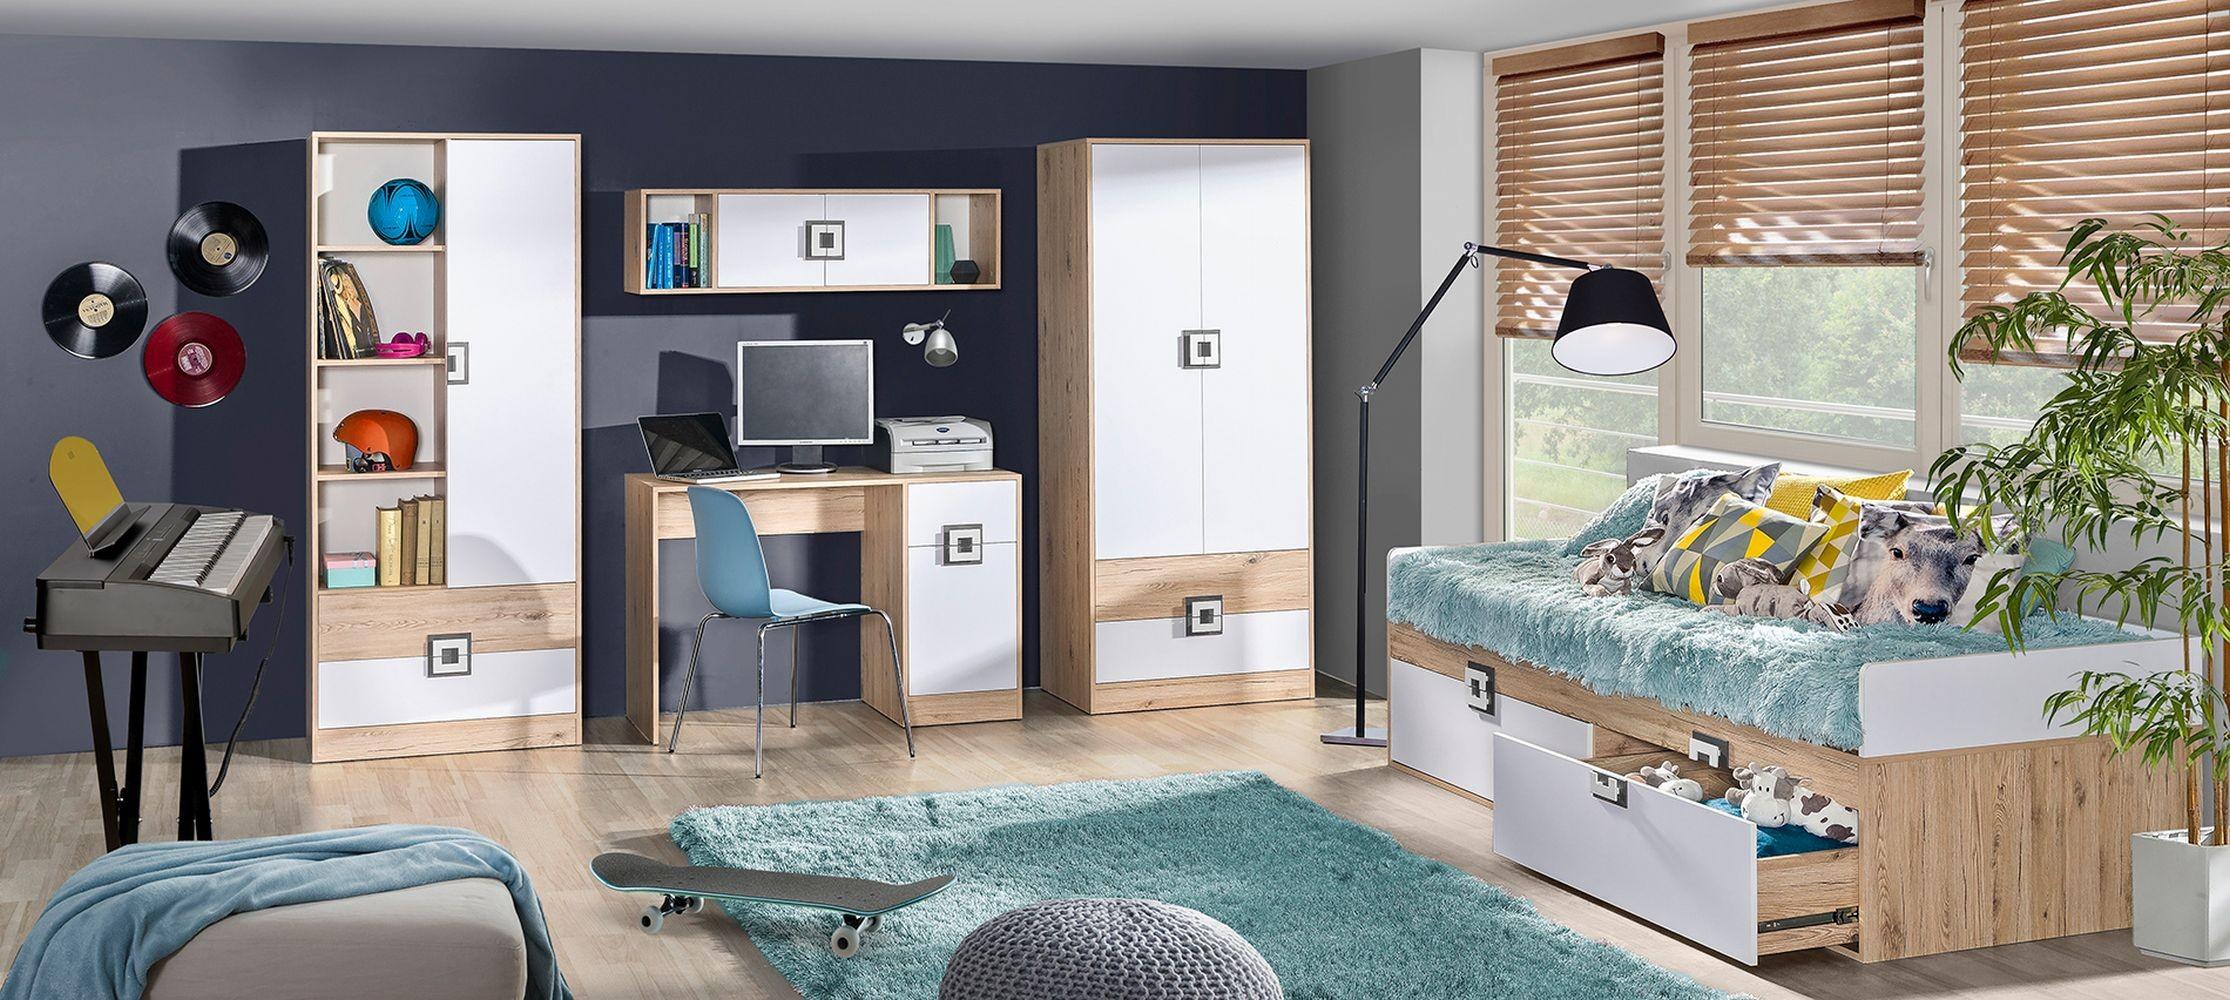 Full Size of Kinderzimmer Drehtrenschrank Eckkleiderschrank Fabian 02 Sofa Regal Weiß Regale Kinderzimmer Eckkleiderschrank Kinderzimmer